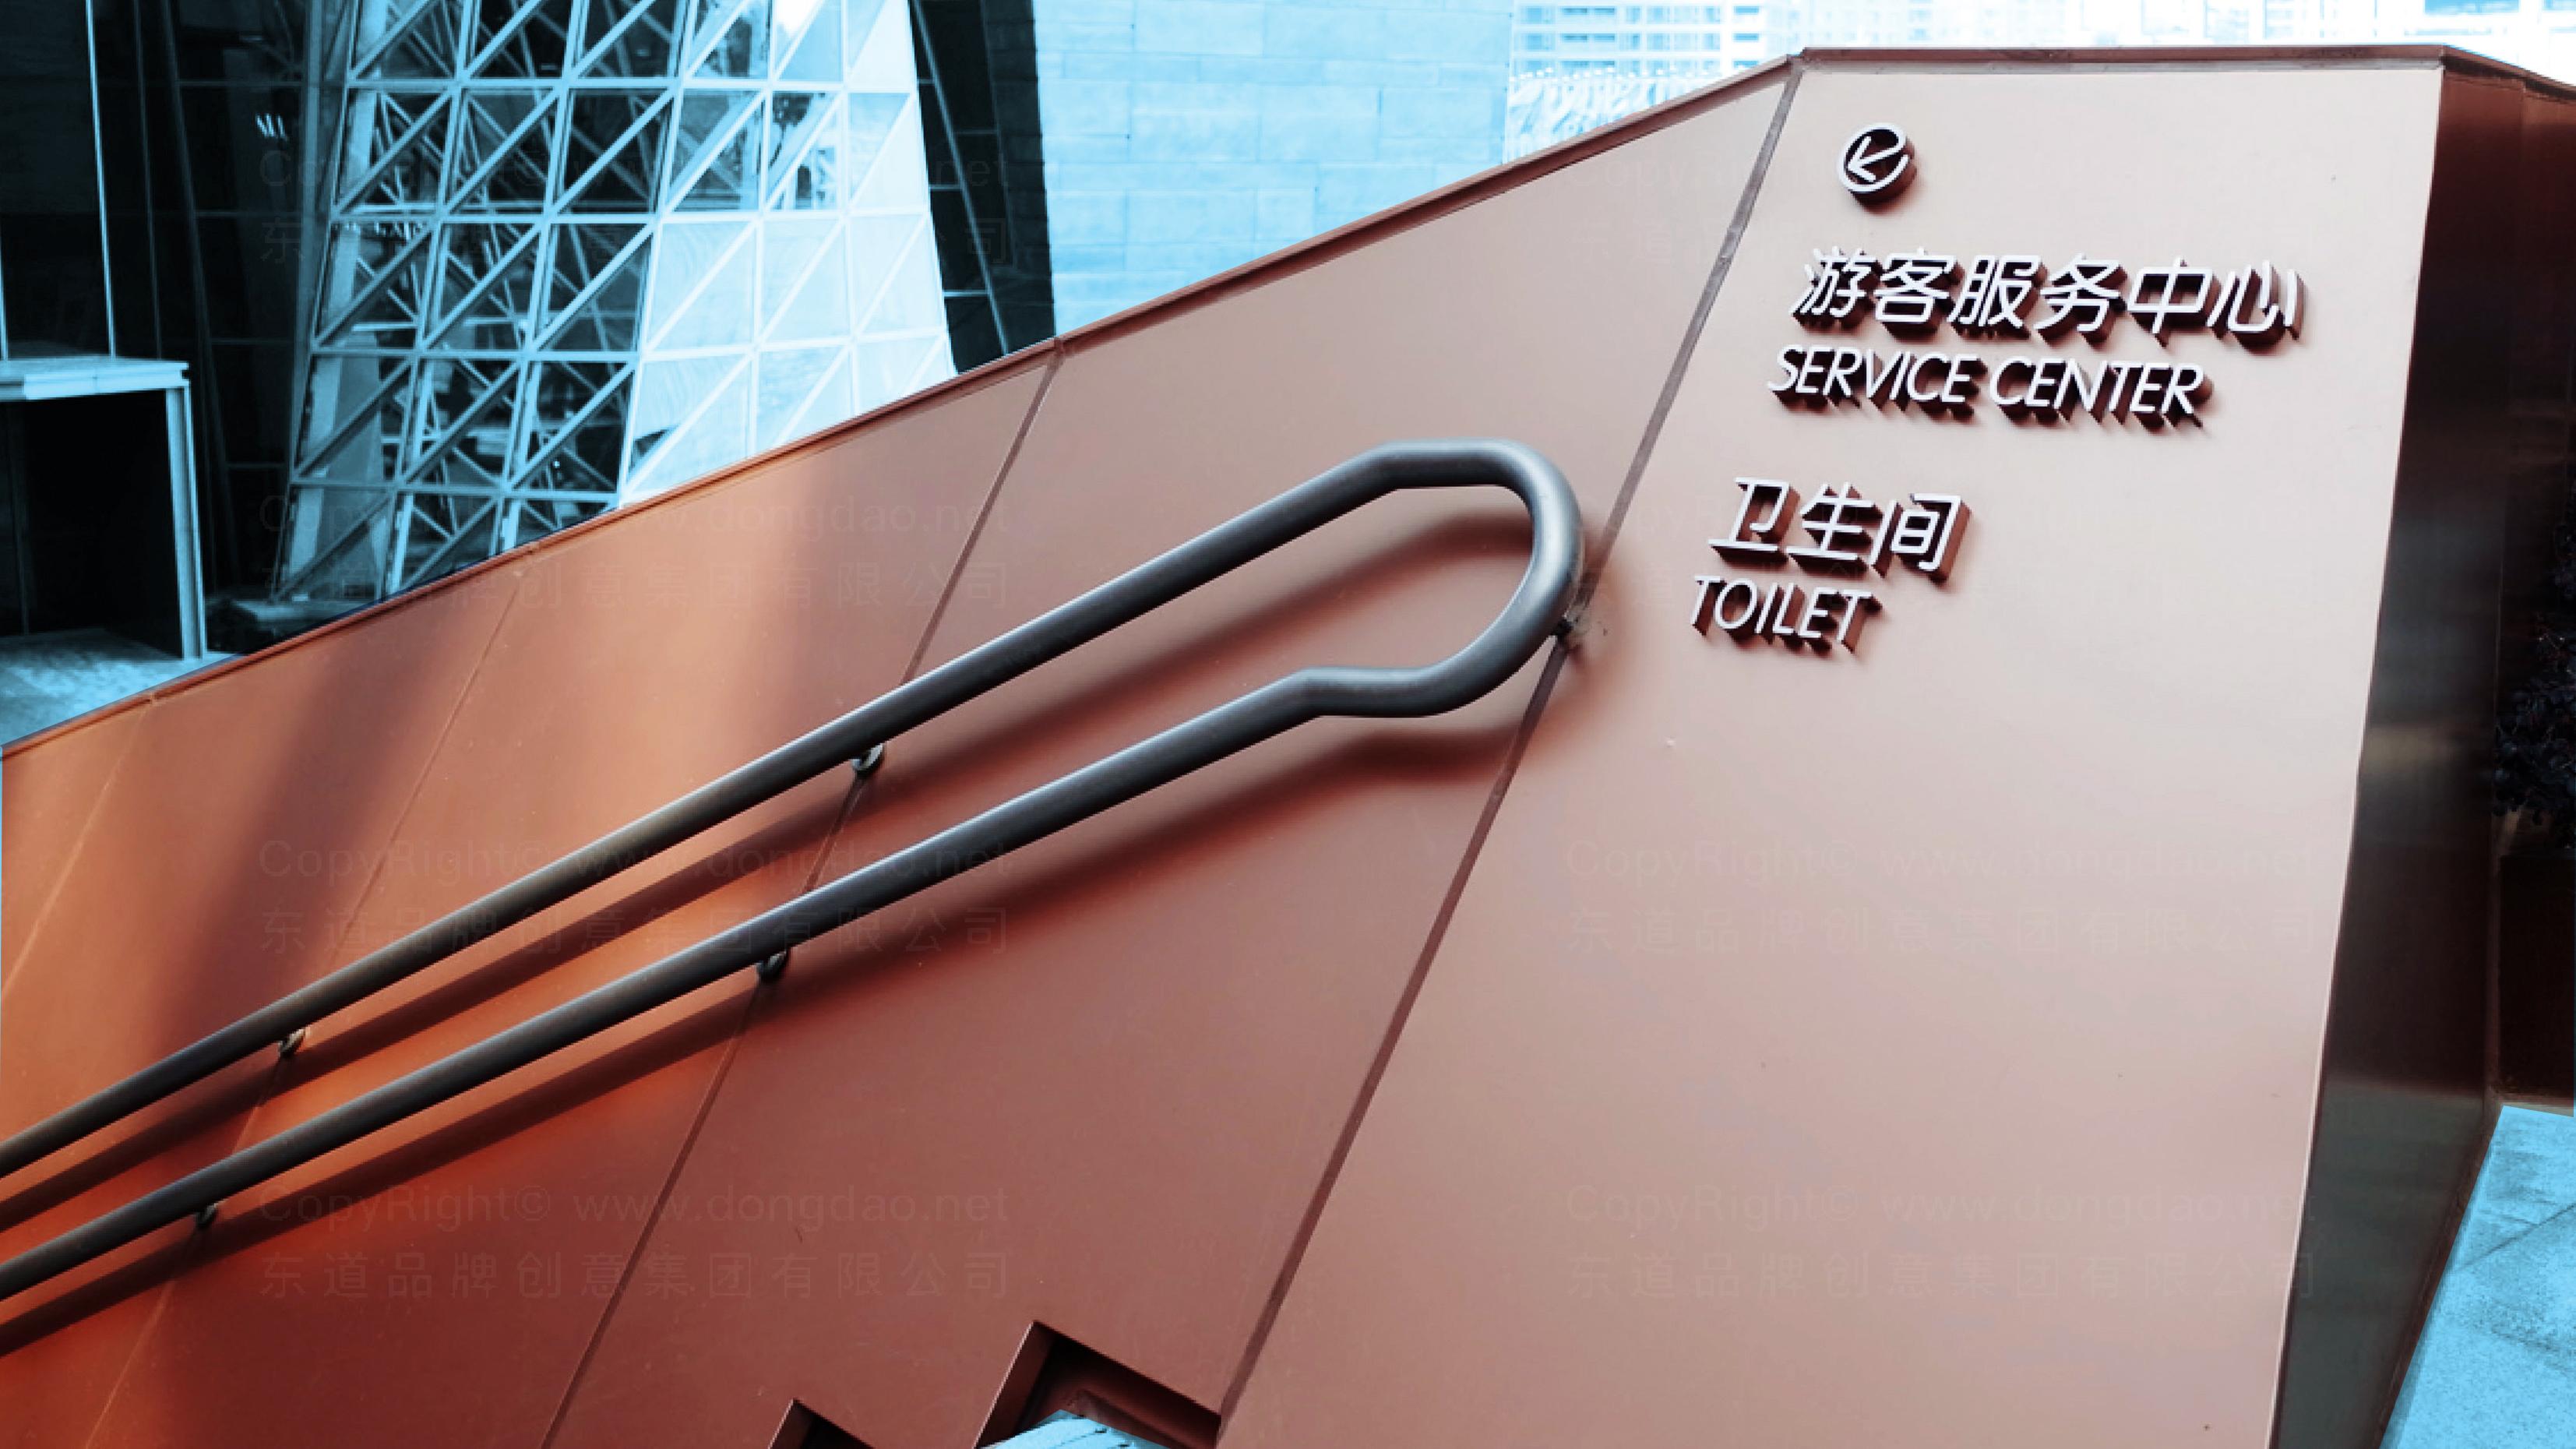 上海世博会标识工程设计应用场景_3